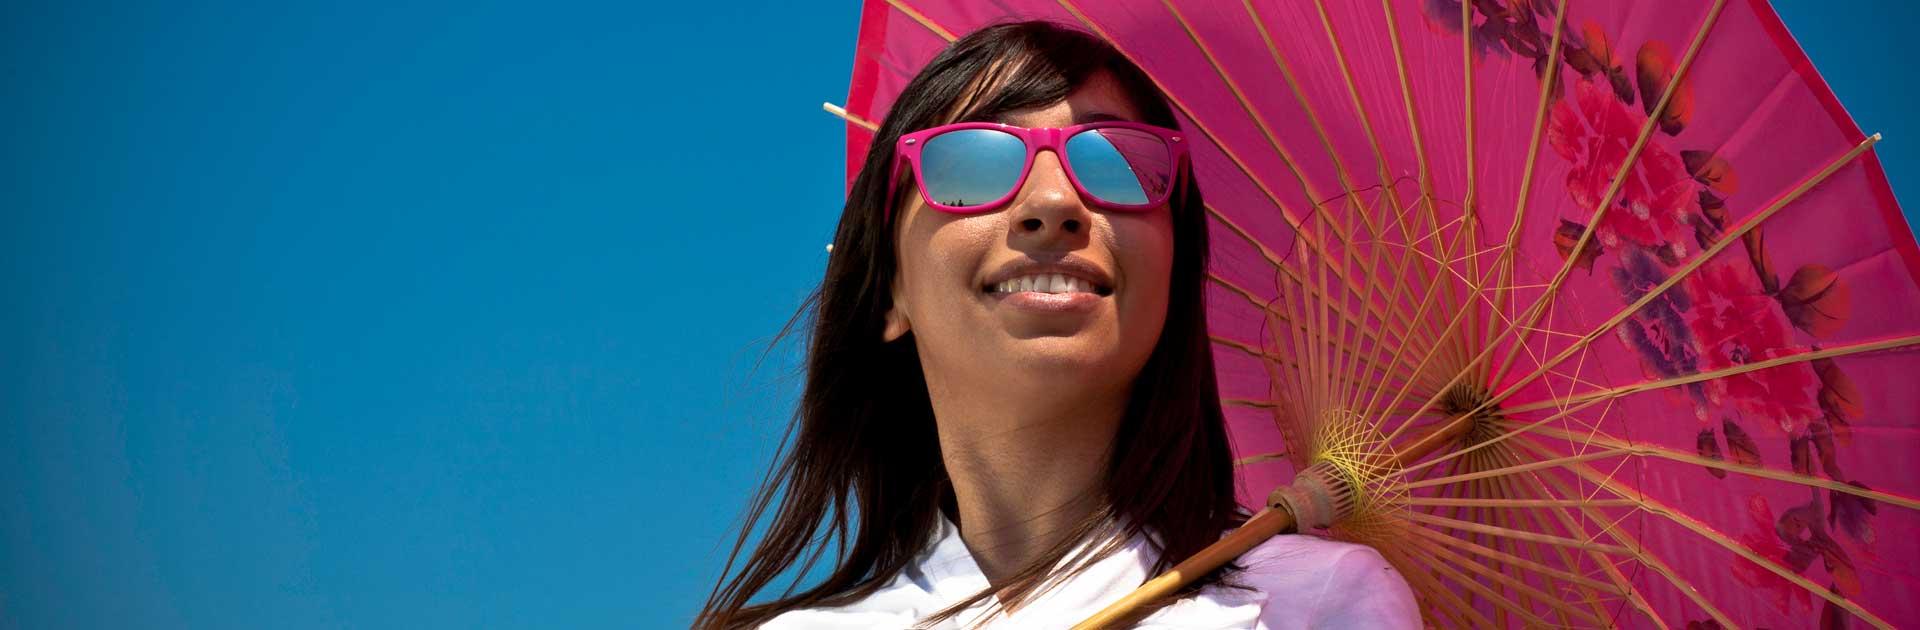 Reveca Torres: Artist & Social Change Agent